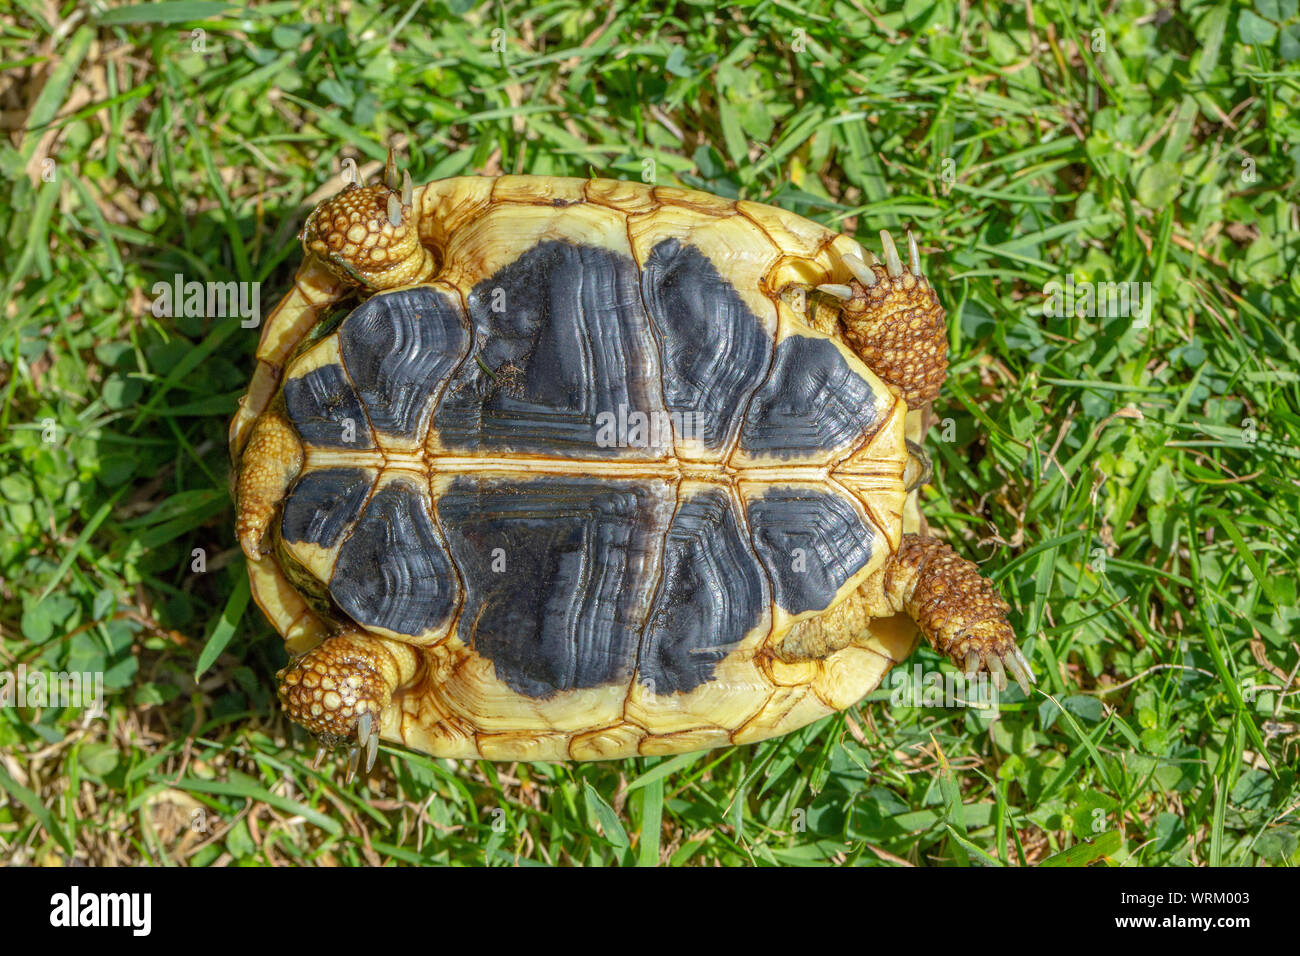 La tortue d'Herman de l'Ouest (Testudo hermanni hermanni). Close up du plastron, ou dessous, montrant le shell continue contrastées coutures jaunes et noires parallèles, côte à côte, d'avant en arrière. L'une des trois caractéristiques d'identification pour cette la sous-espèce nominale. Banque D'Images